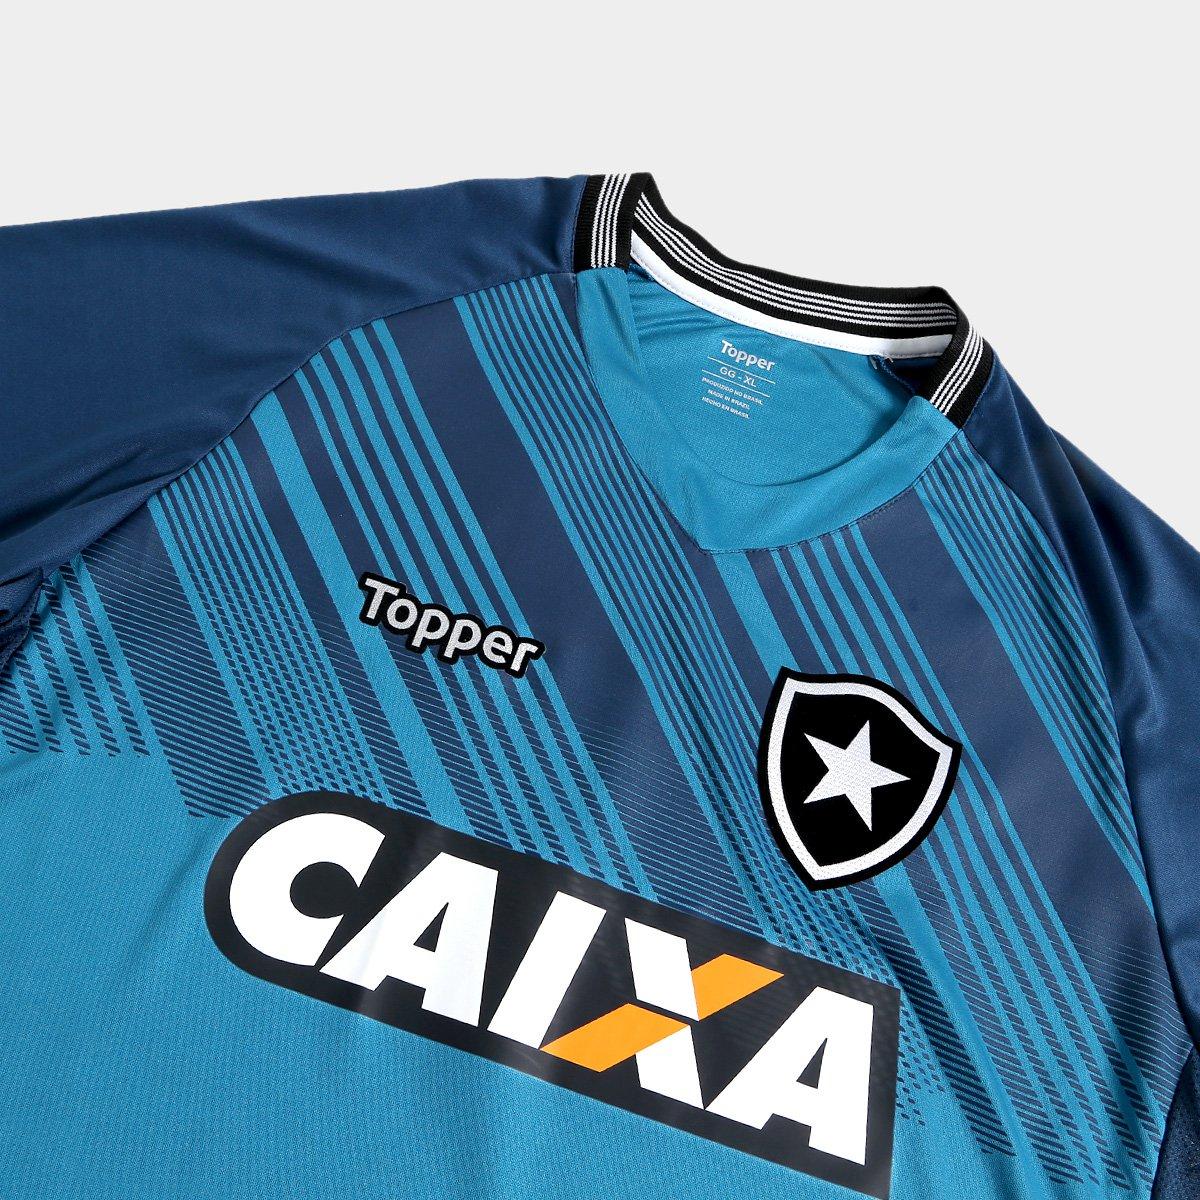 6d0f3d4c6e Camisa de Goleiro Botafogo I 2018 s n° Torcedor Masculina - Azul ...